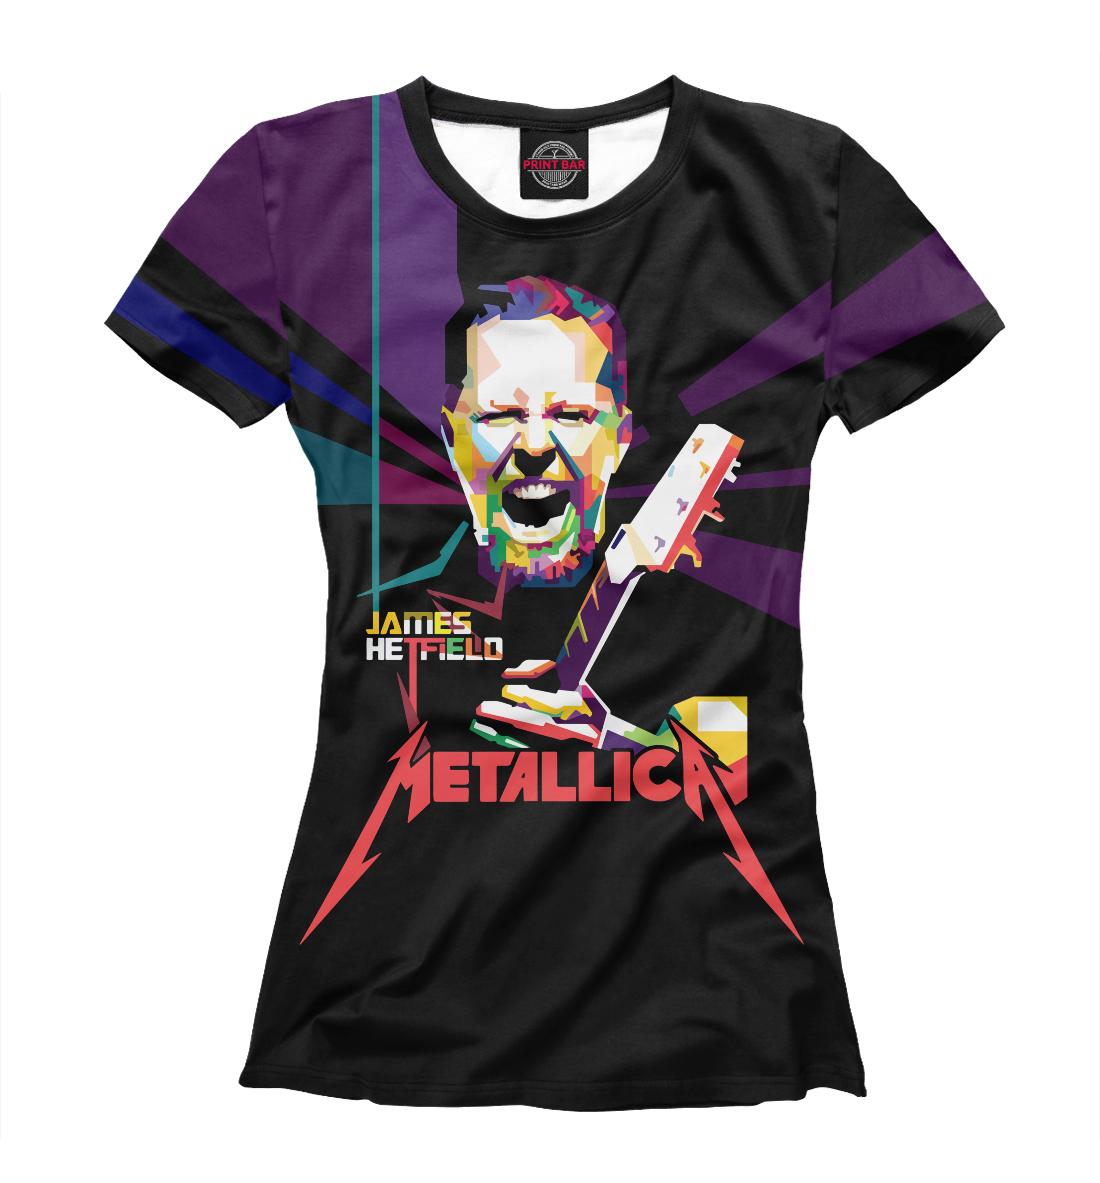 Купить Metallica James Alan Hatfield, Printbar, Футболки, MET-479170-fut-1